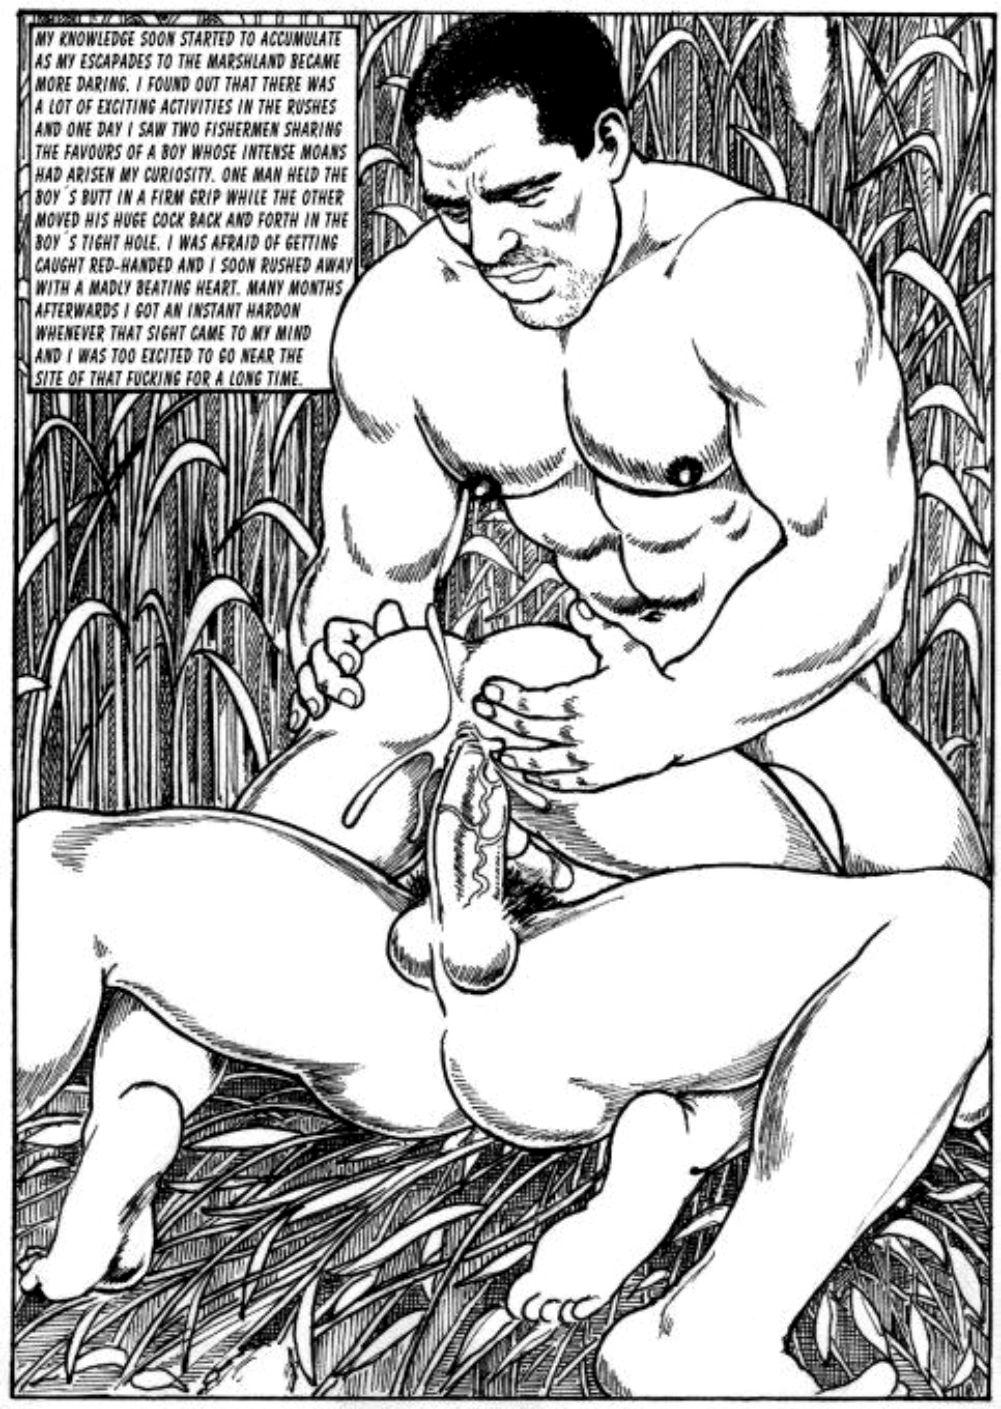 Хентай и яой комиксы 10 фотография